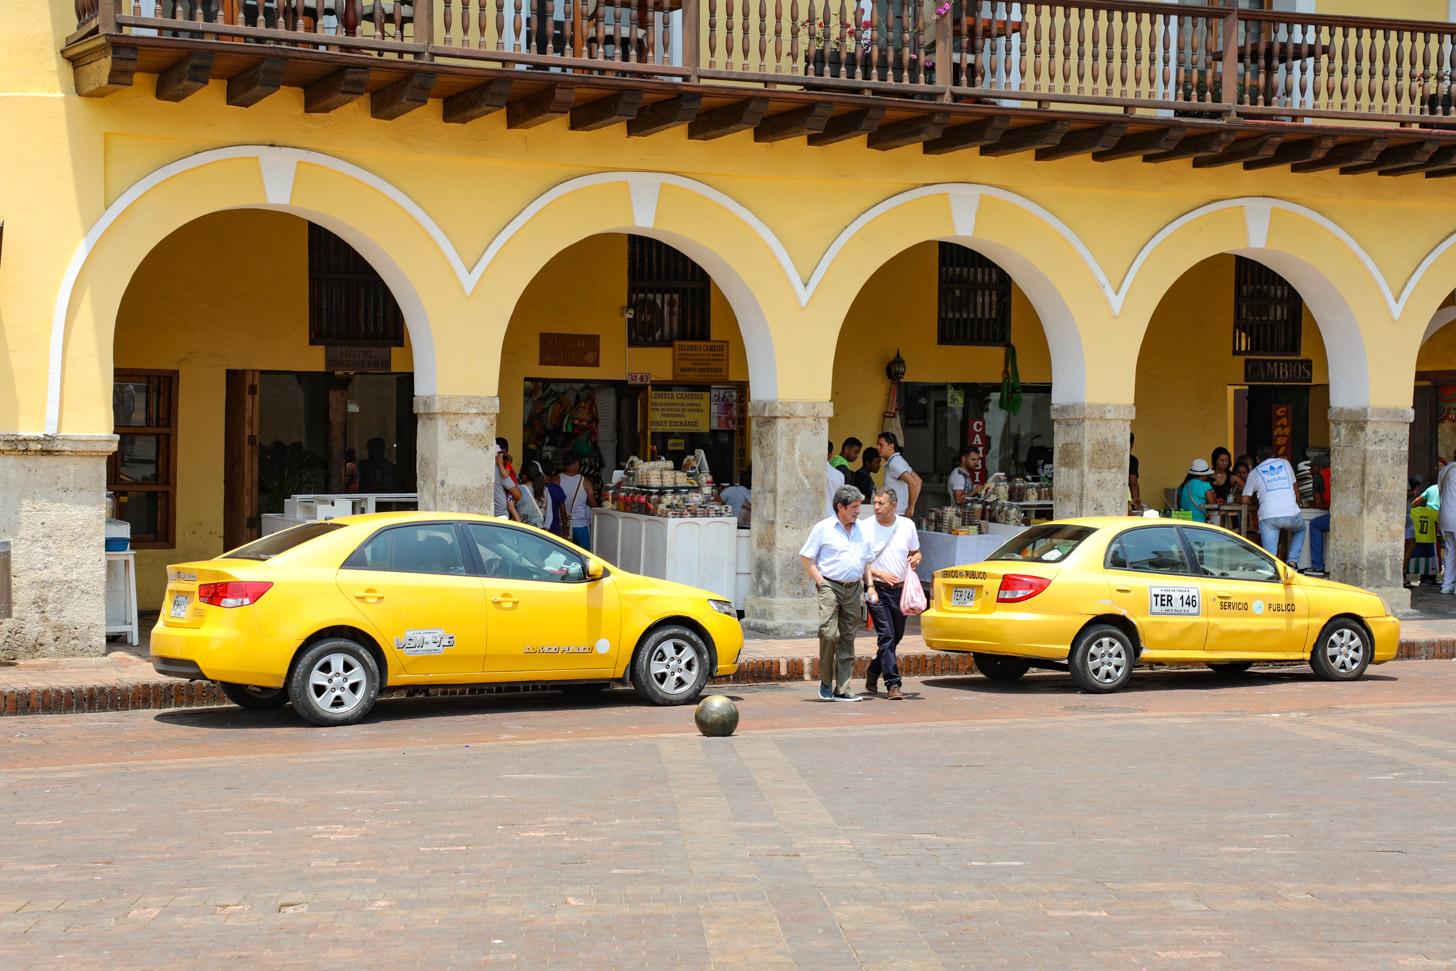 taxi's wachtend op klanten